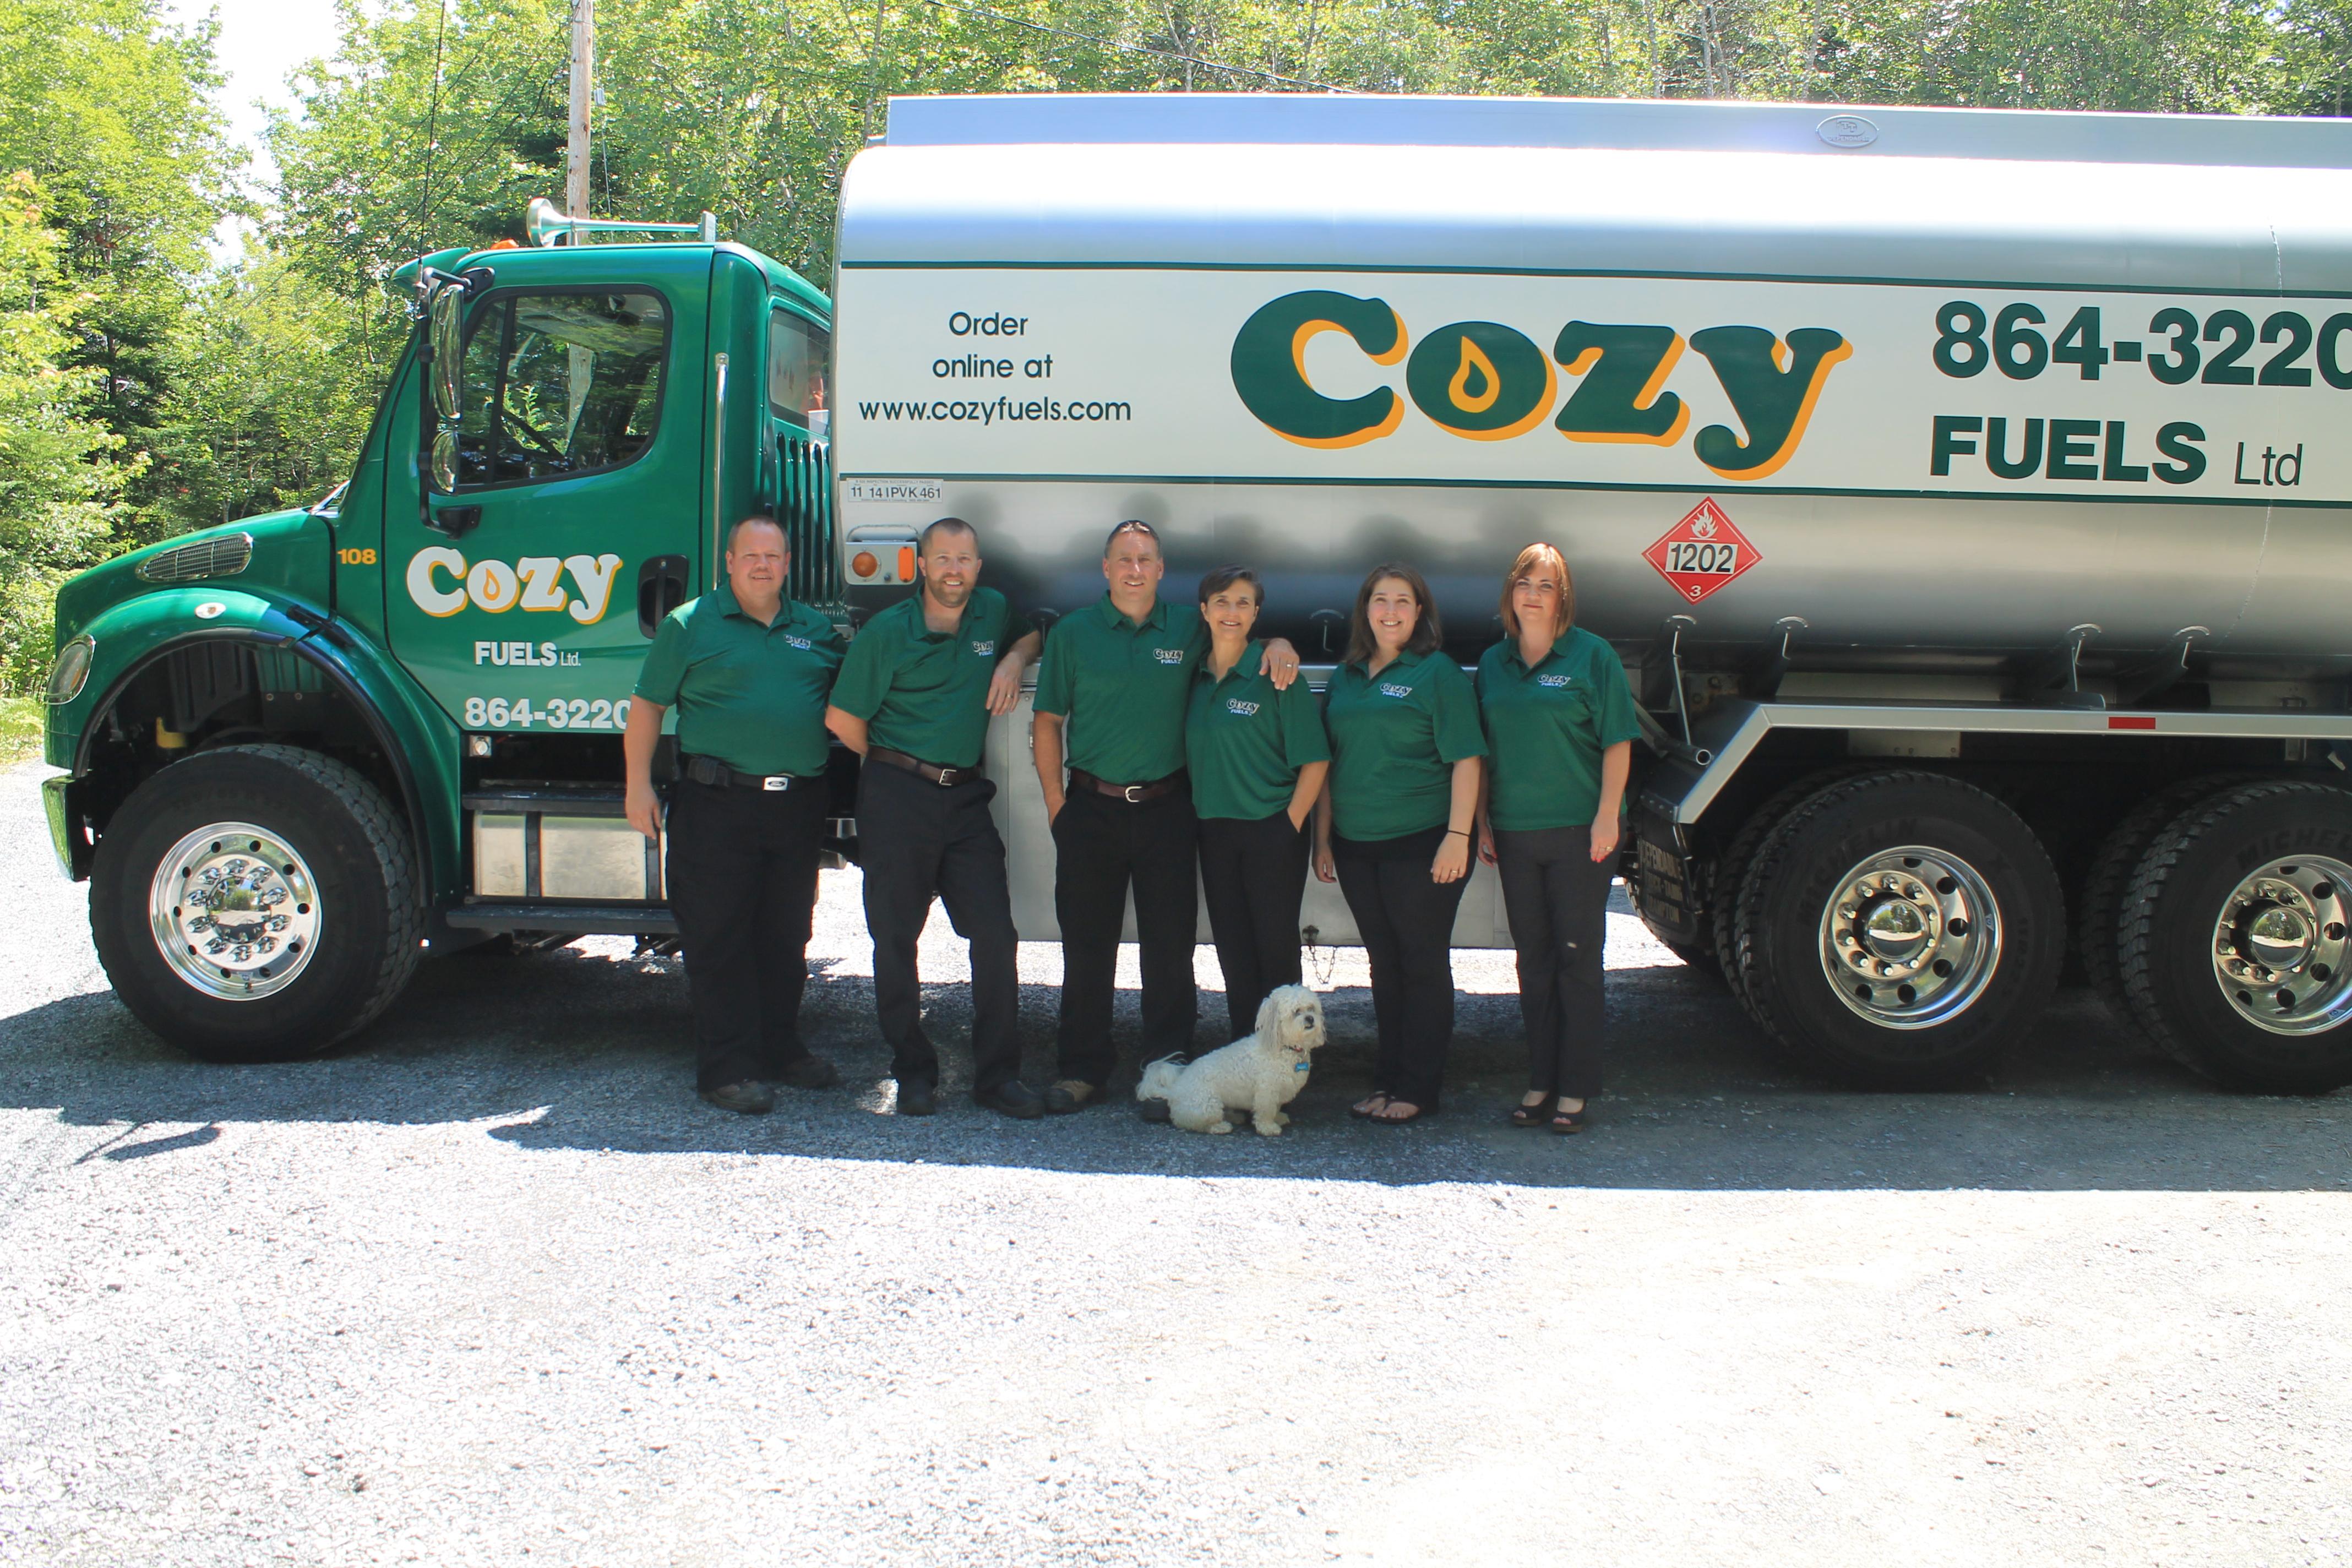 Cozy Fuels Ltd Lower Sackville Ns Po Box 70015